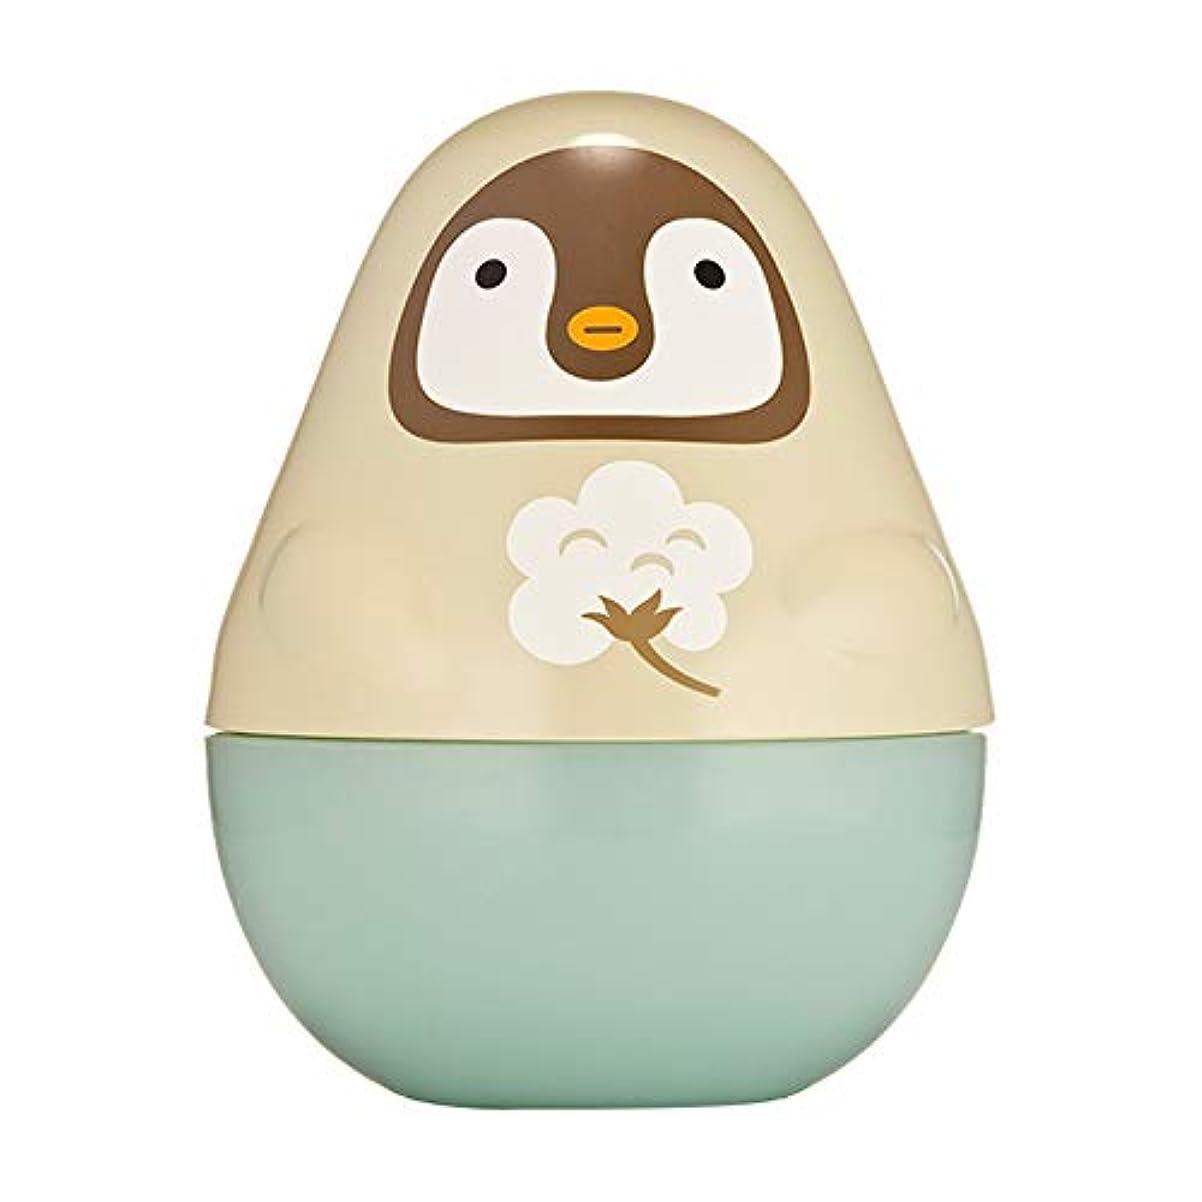 レオナルドダ作業不足エチュードハウス(ETUDE HOUSE) ミッシングユー ハンドクリーム ペンギン(ベビーパウダーの香り)